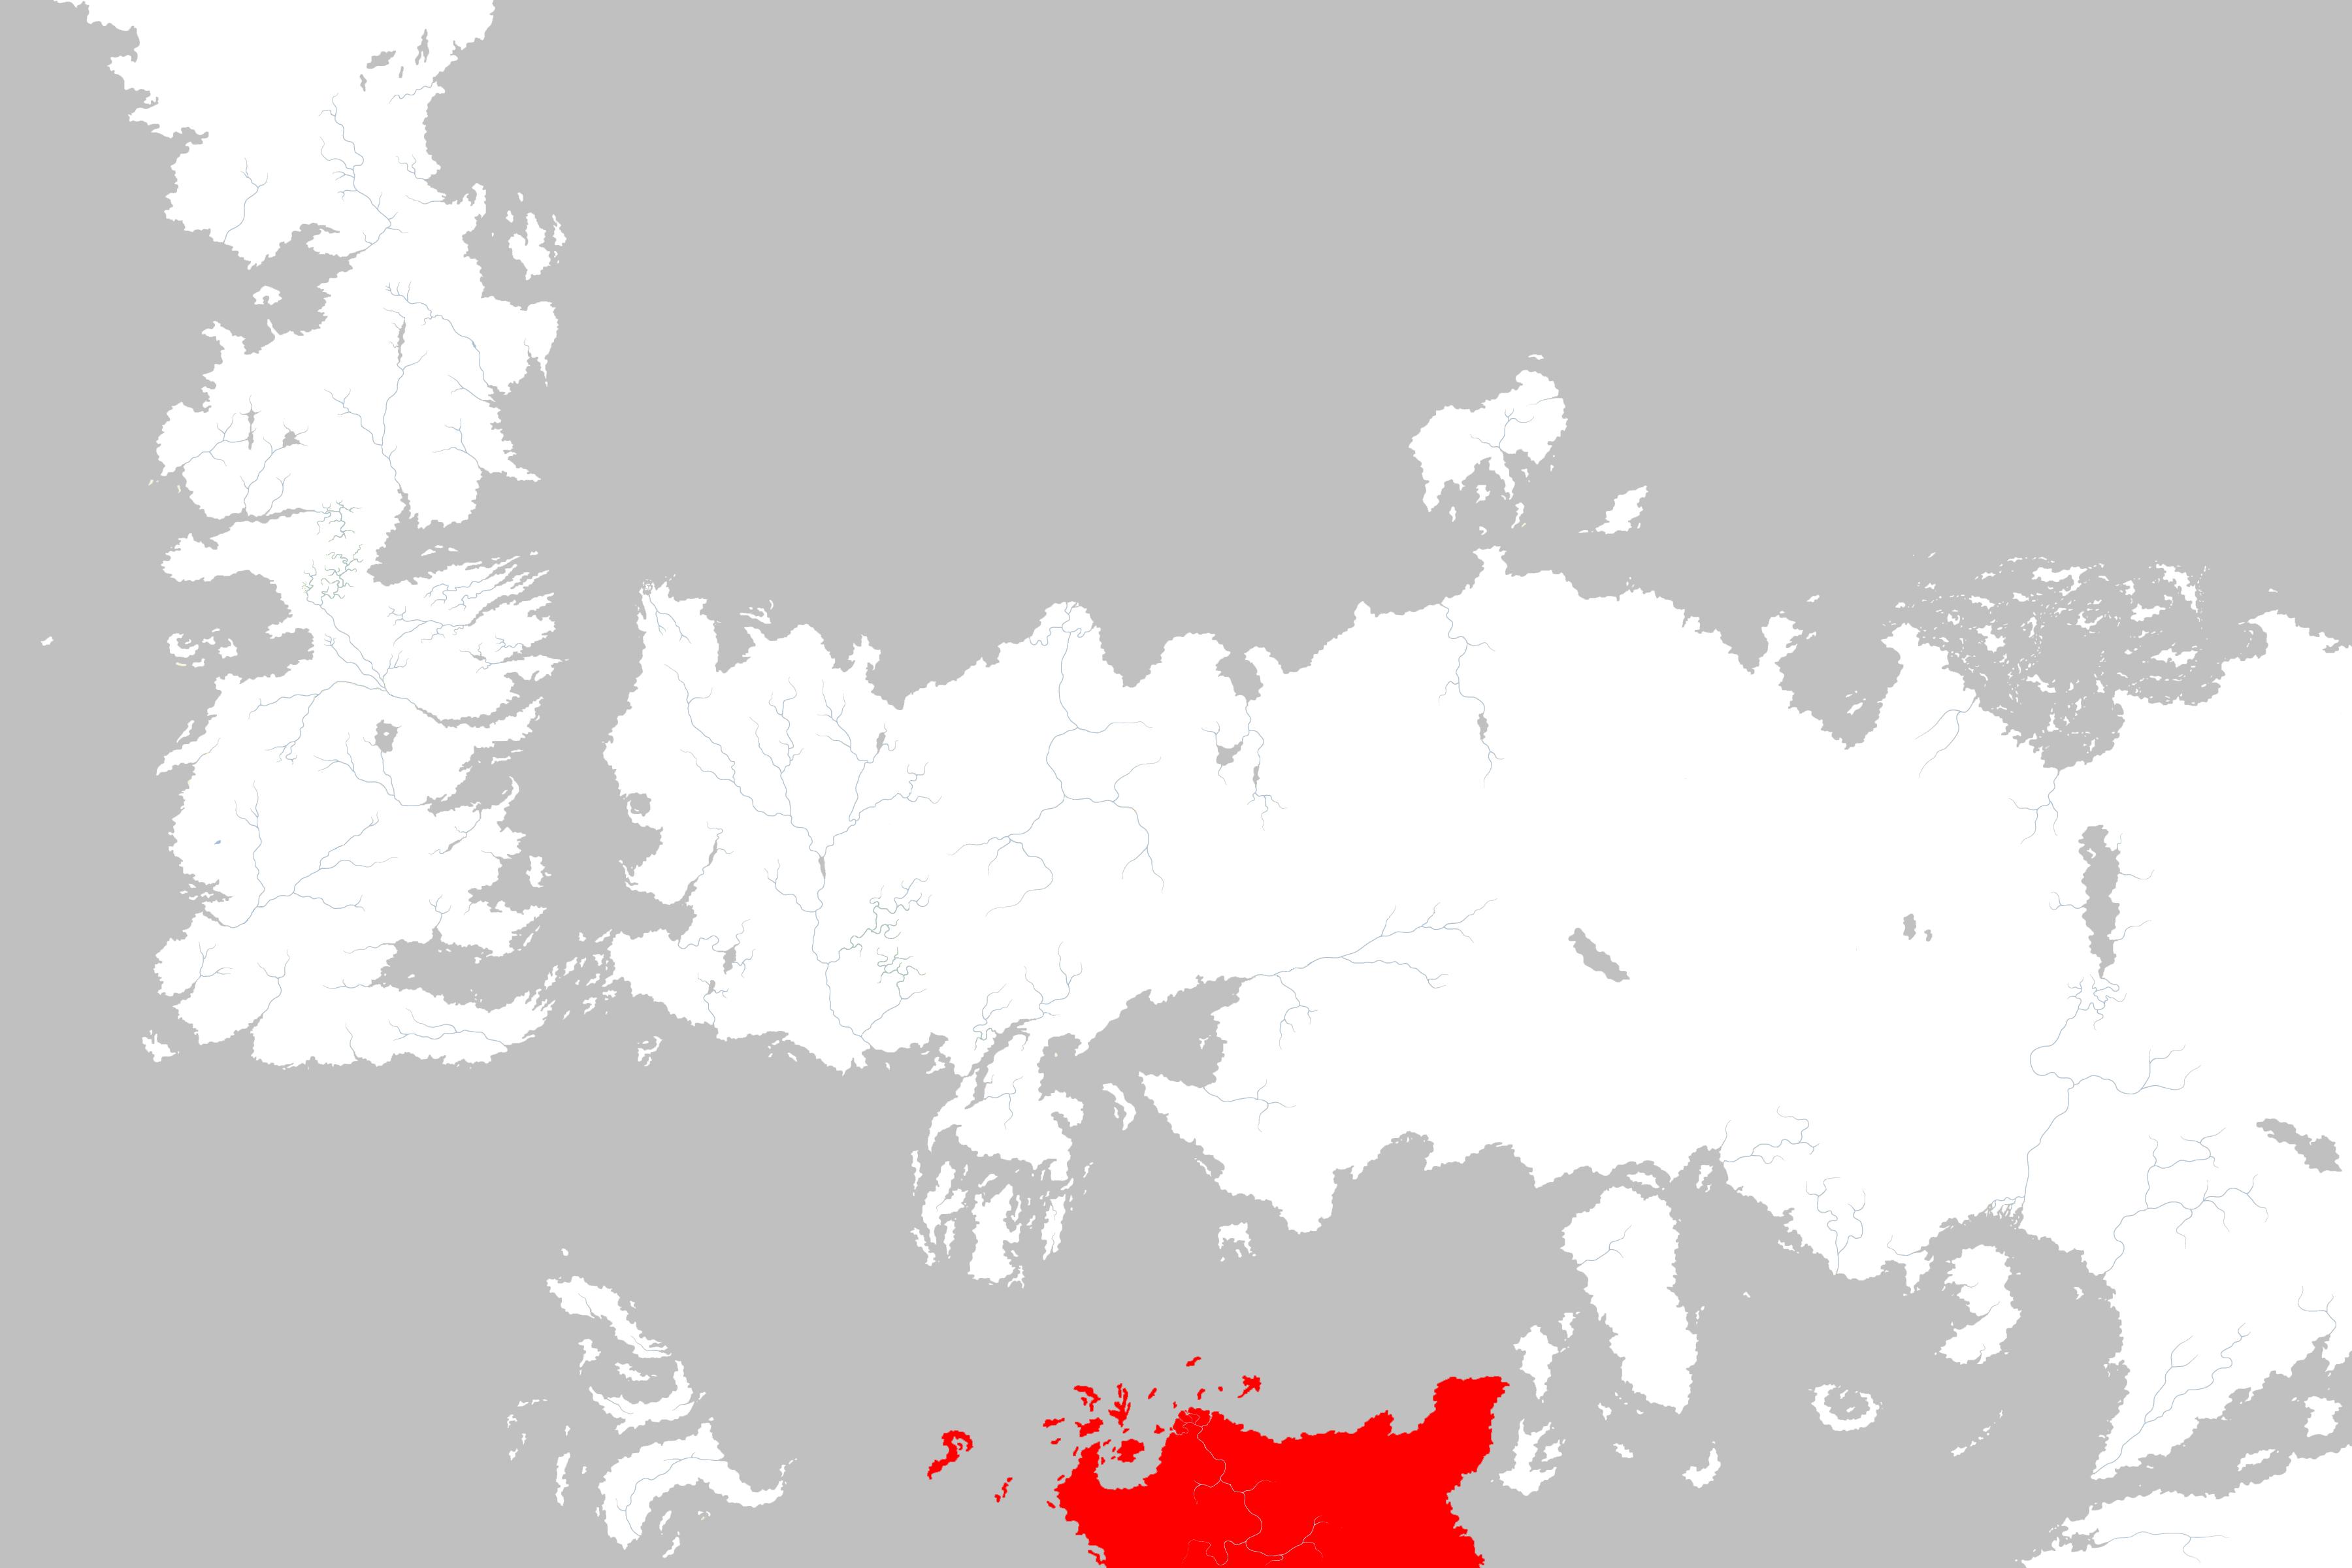 Sothoryos